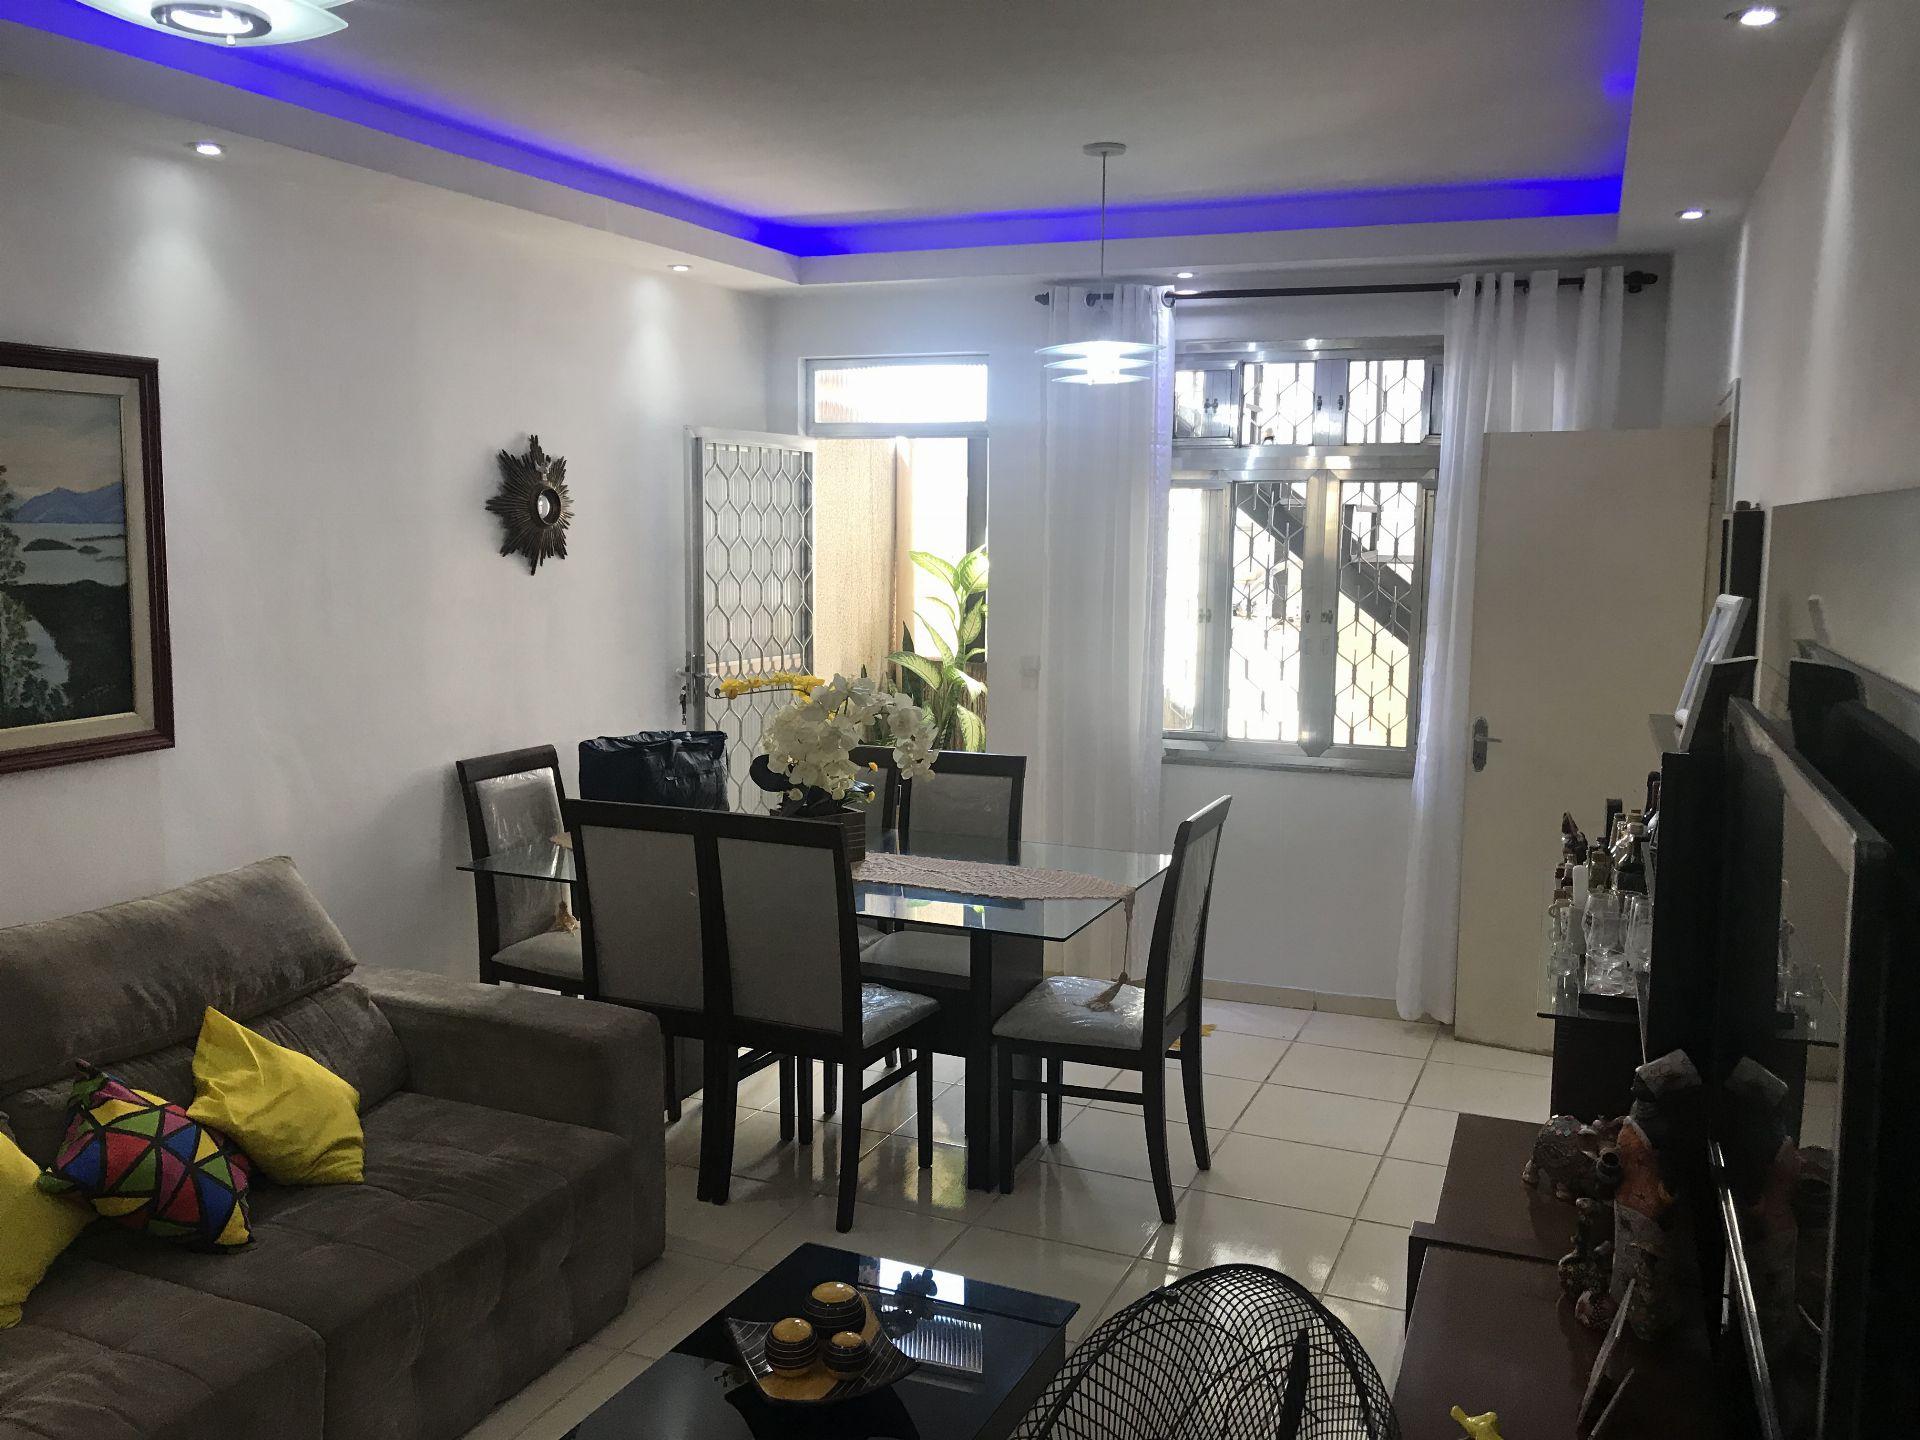 FOTO 2 - Casa em Condomínio à venda Rua Upiara,Bento Ribeiro, Rio de Janeiro - R$ 650.000 - RF215 - 3